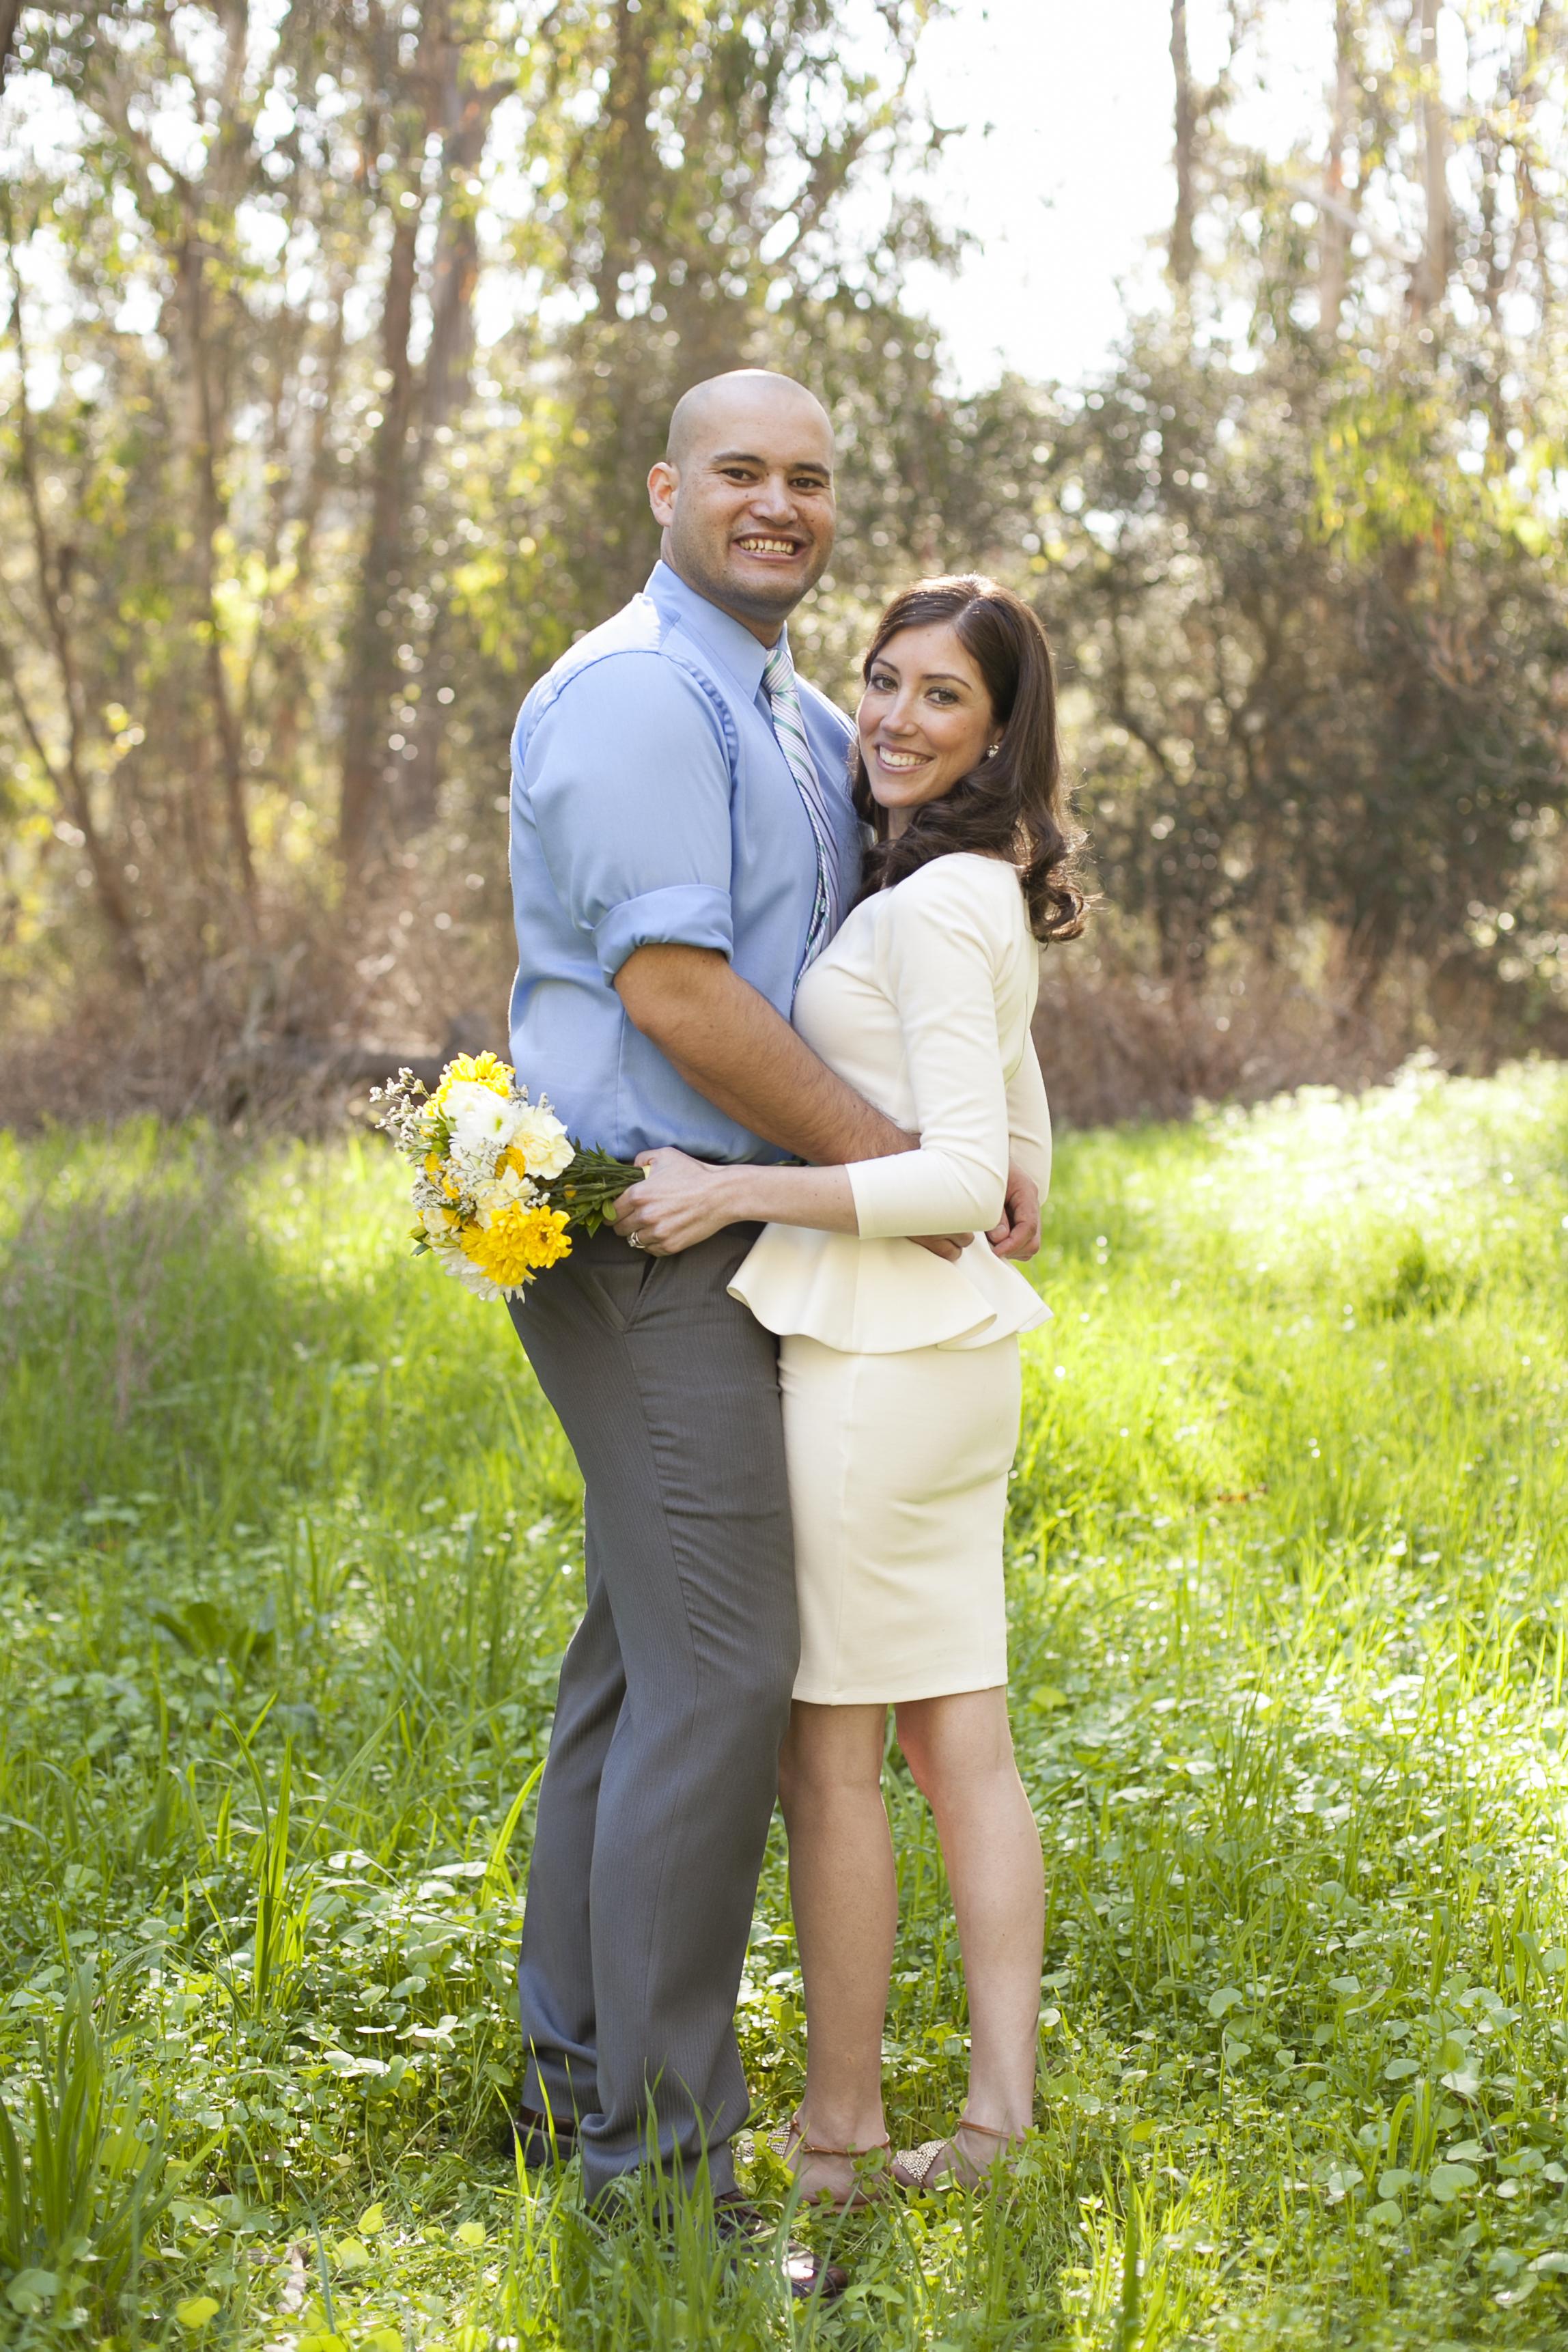 Tilden Park Berkeley Wedding Photographer-Meo Baaklini066.jpg